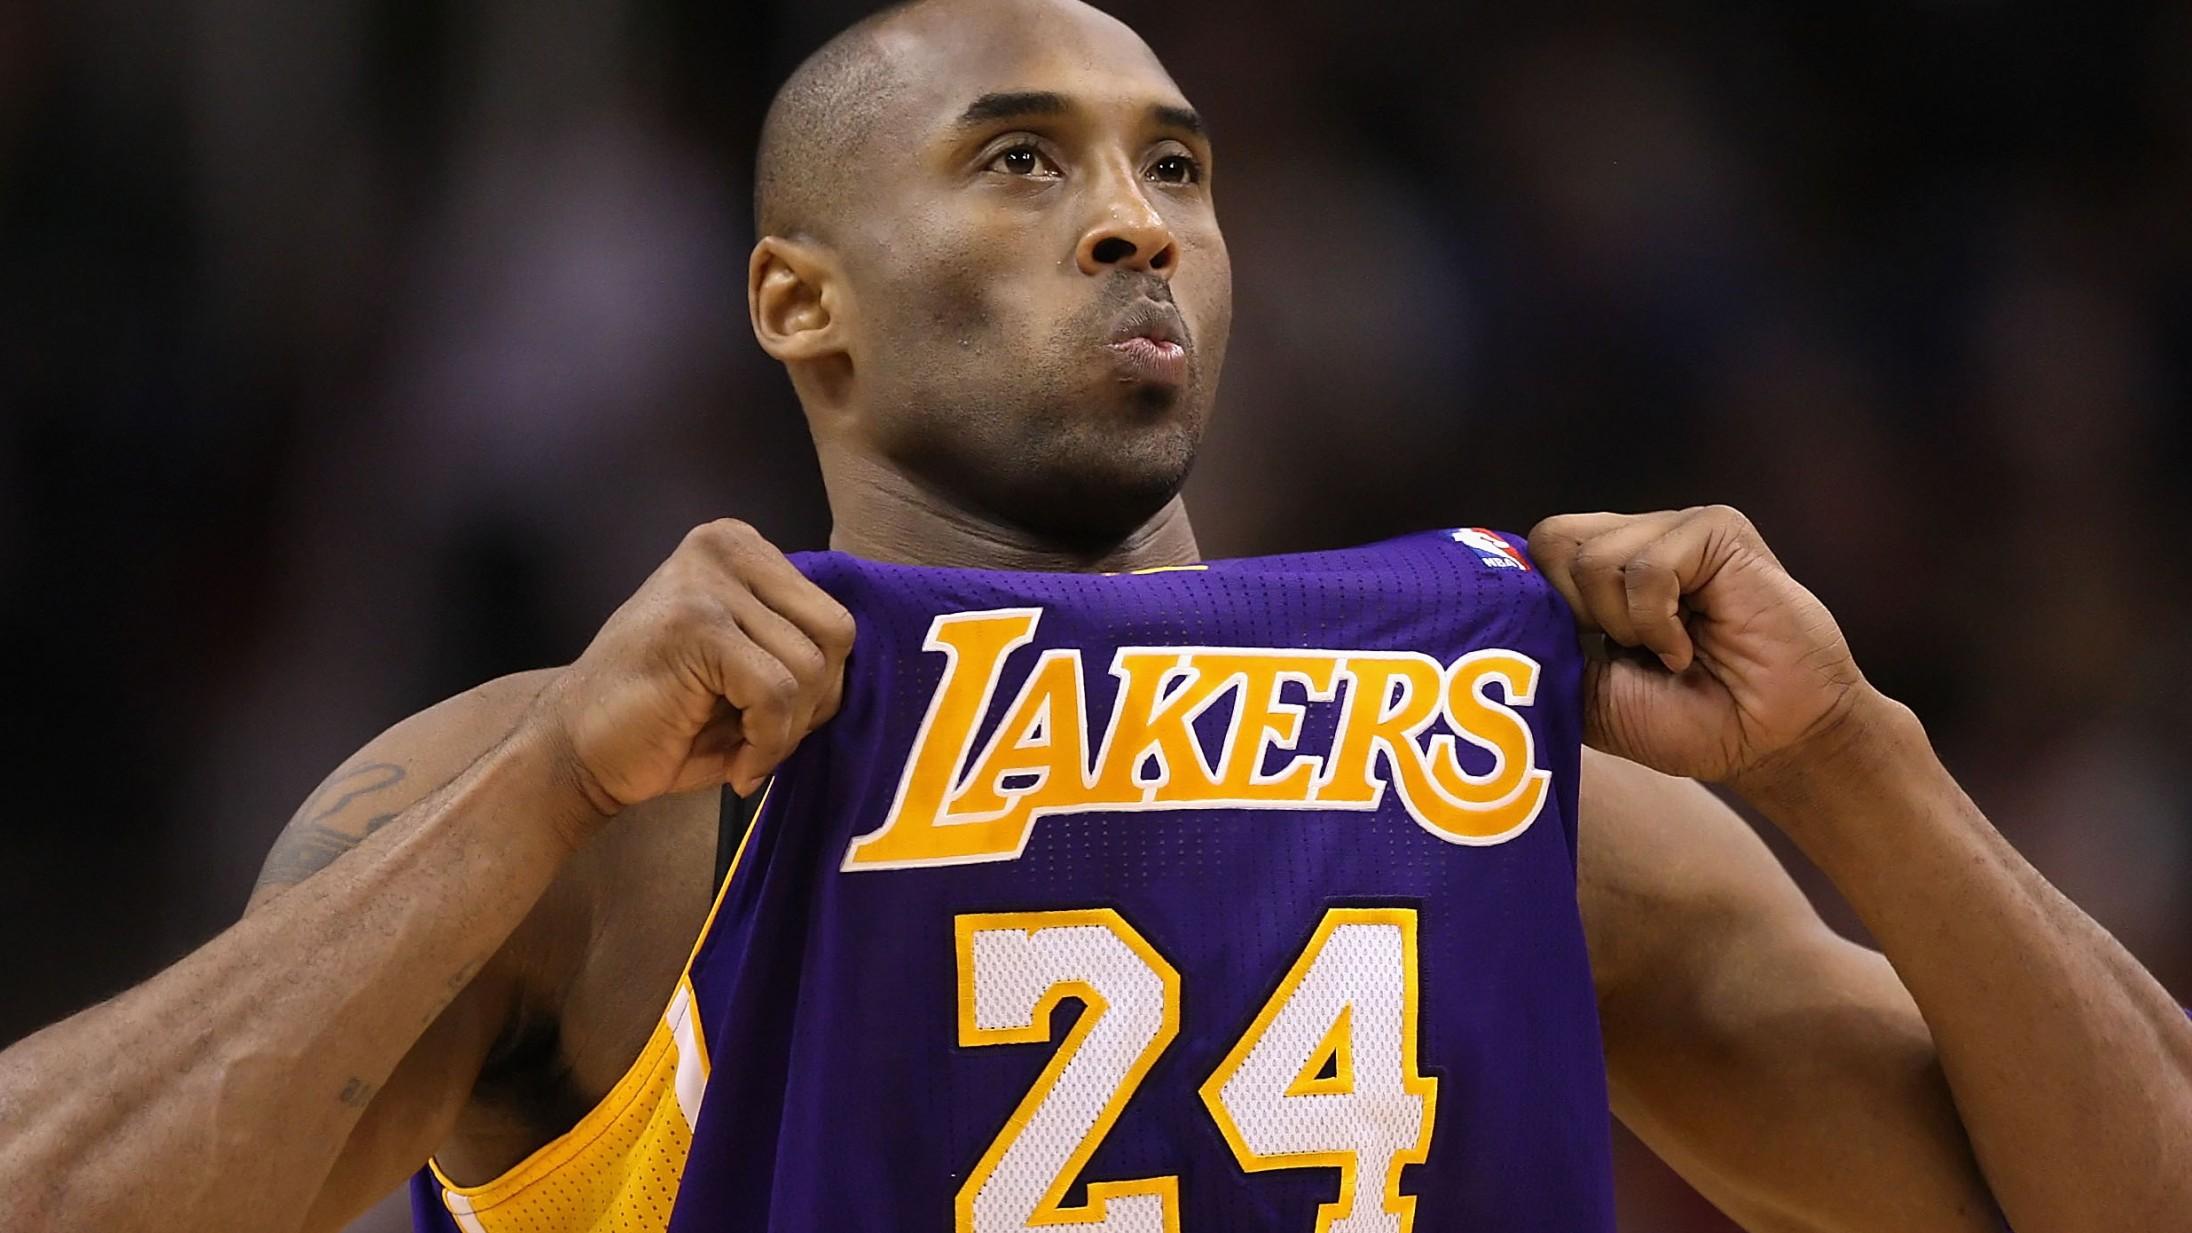 Må man tjene penge på Kobe Bryants tragiske død? Nike og genbrugs-sites reagerer på dilemmaet